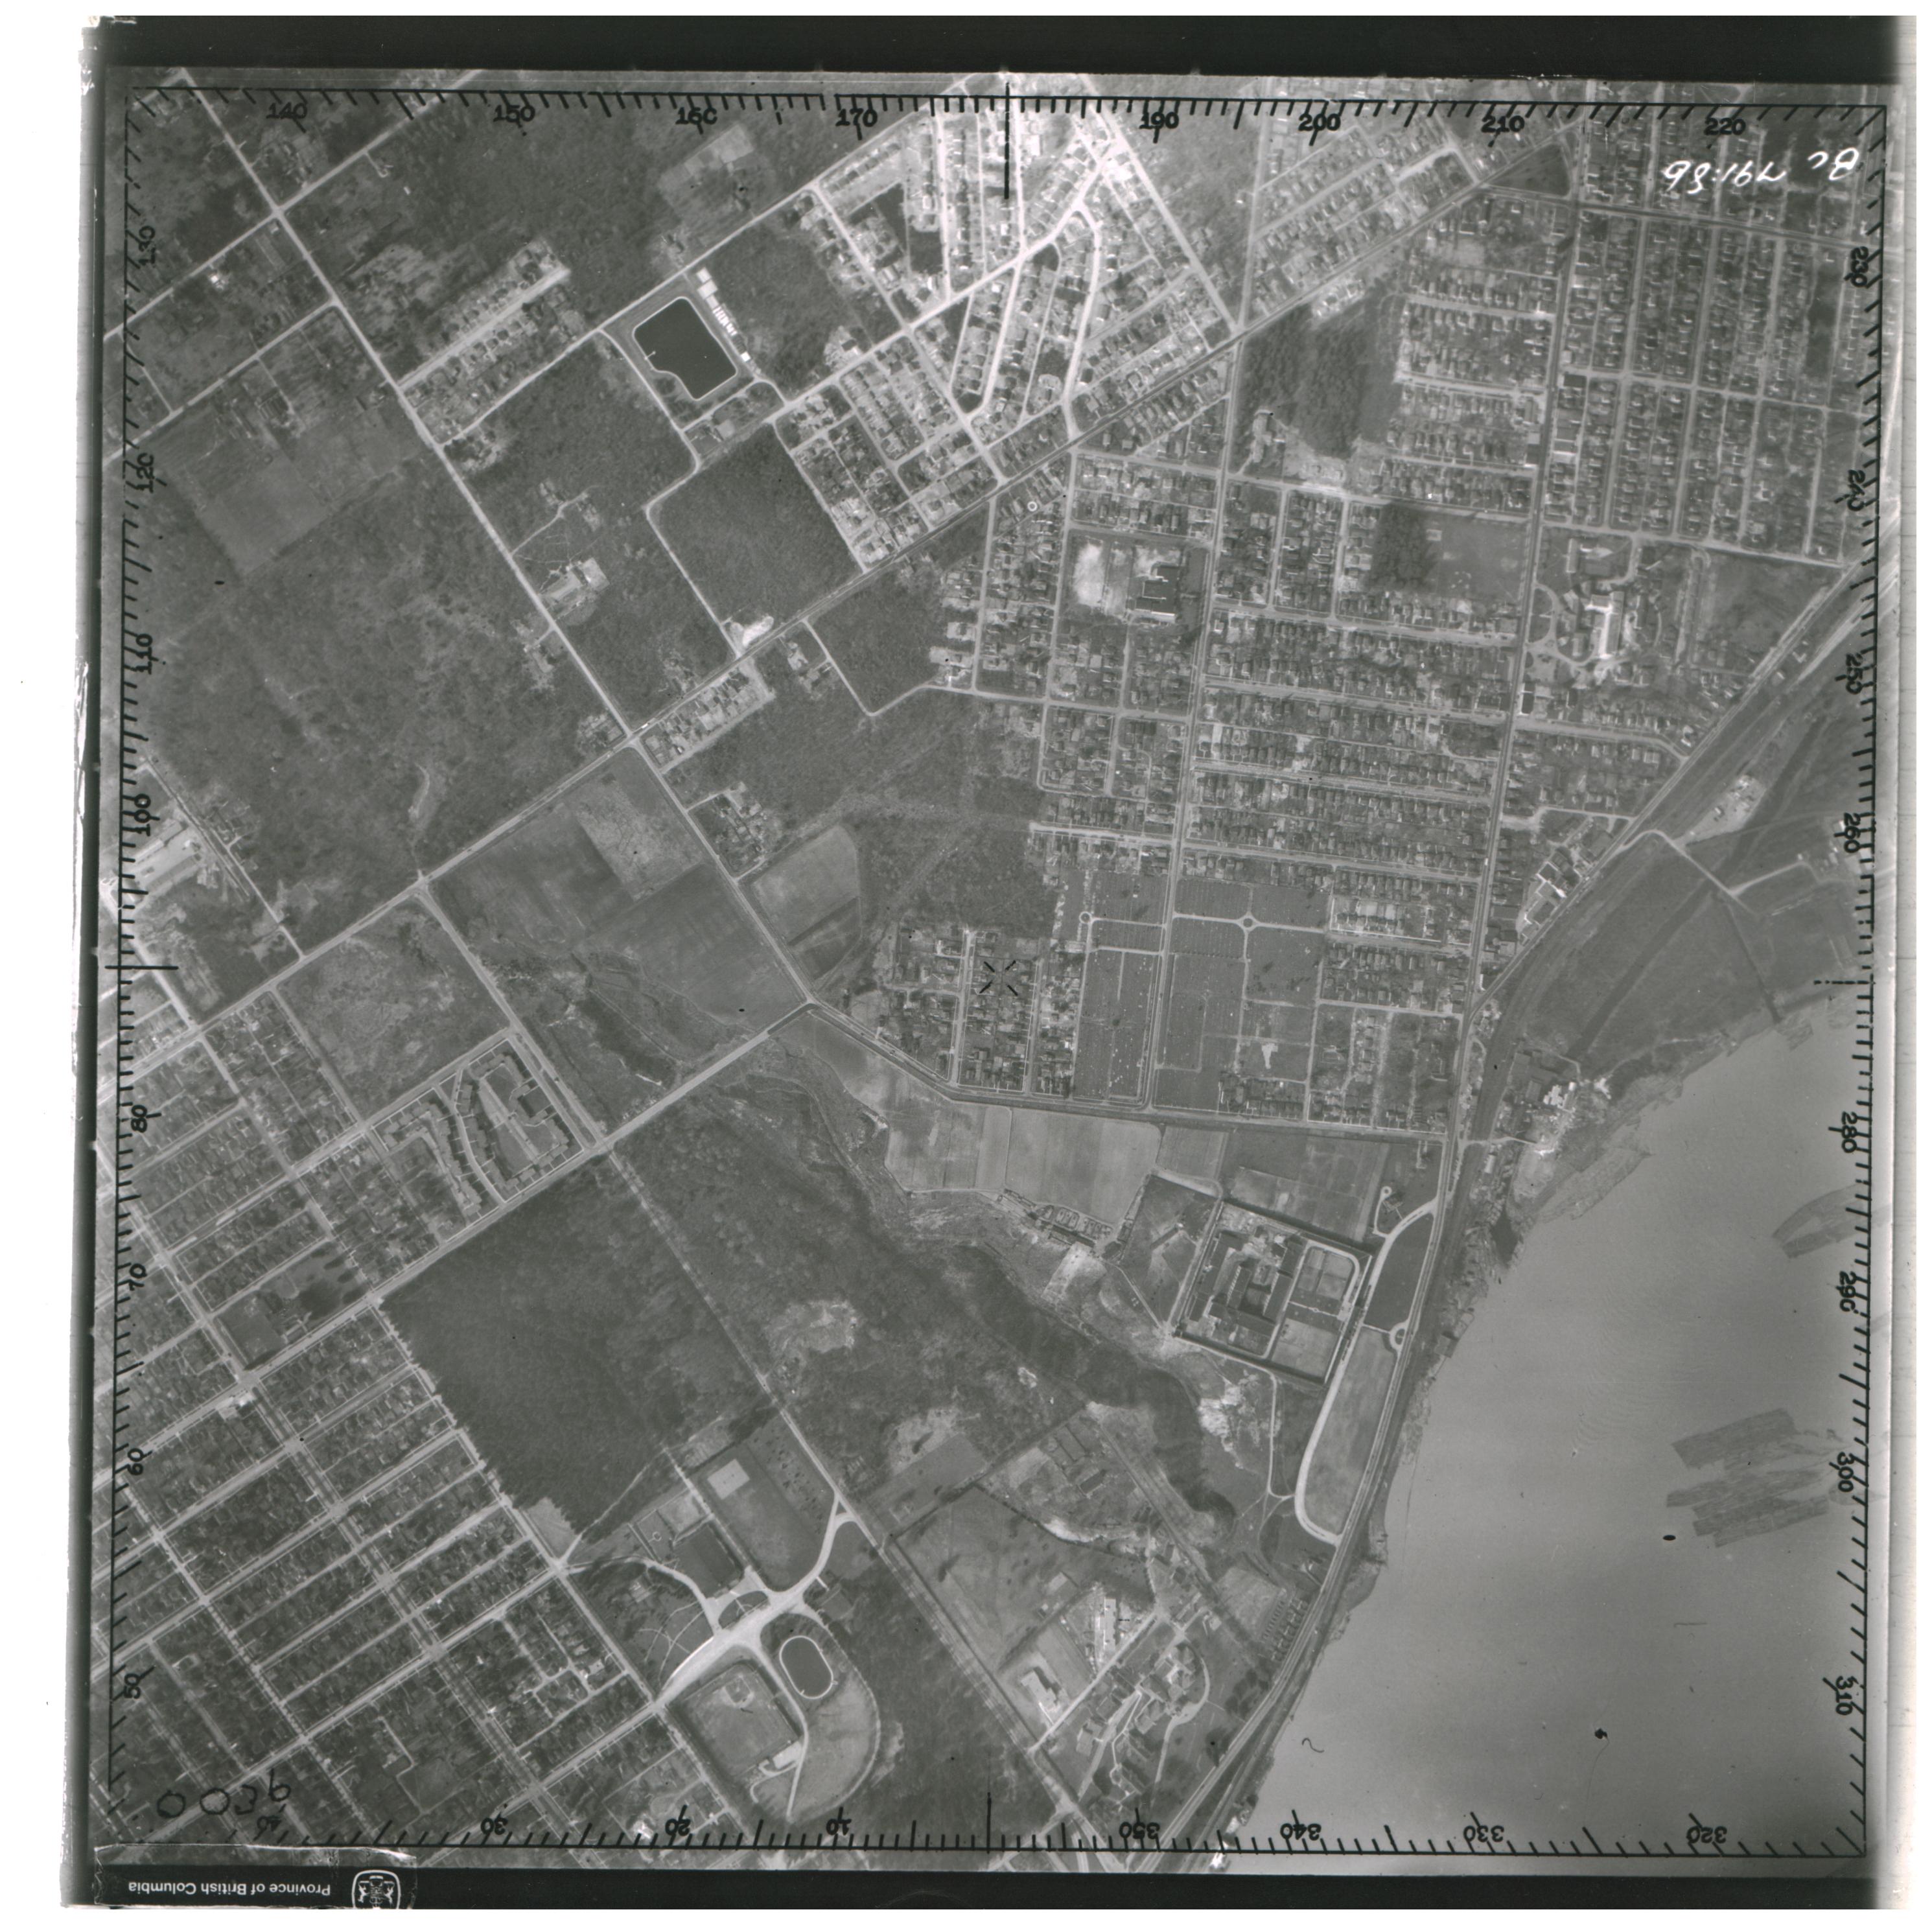 Public domain image provided courtesy of GeoBC.